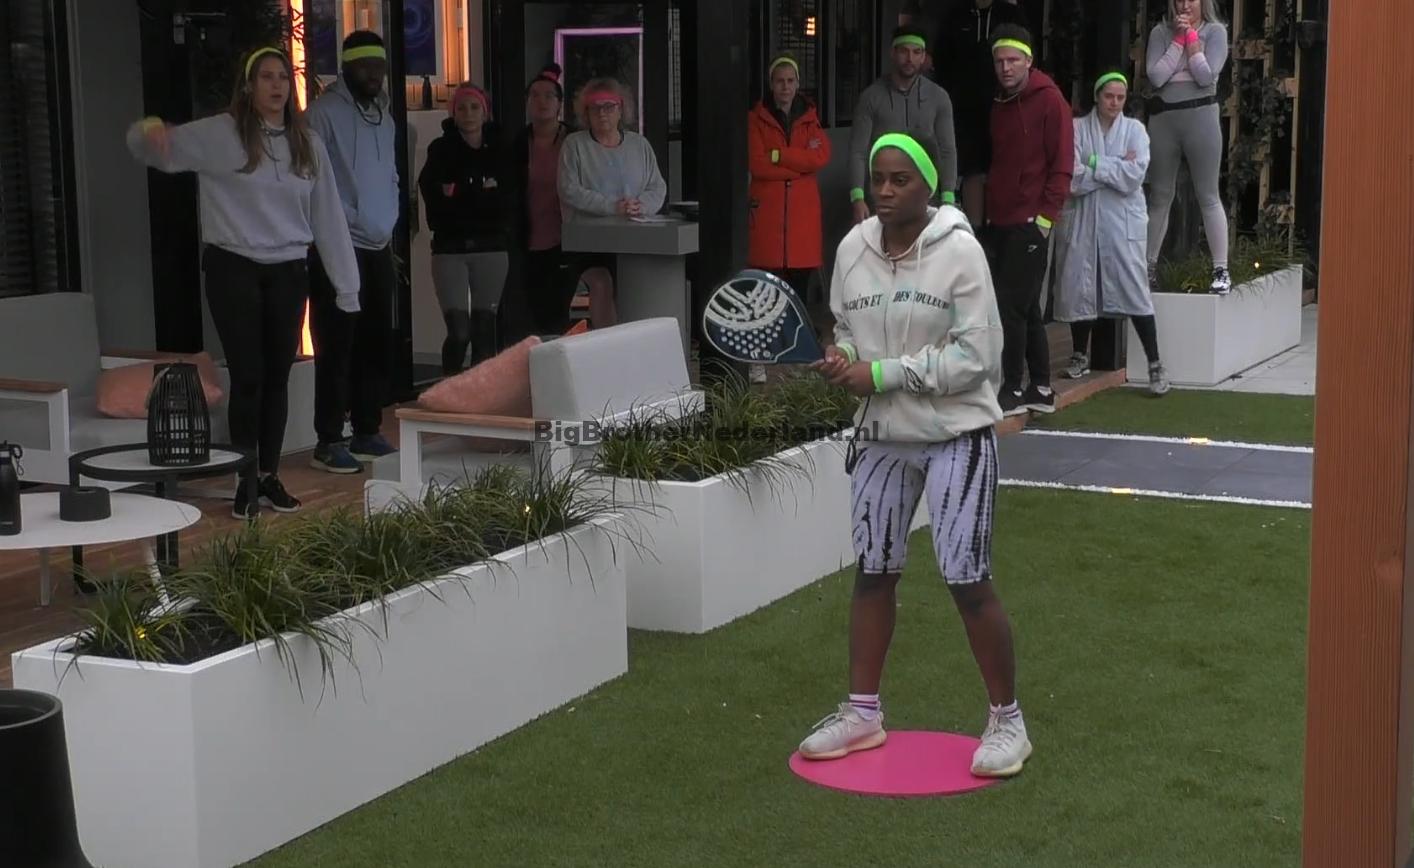 De Big Brother bewoners verdienen veel geld met een tennis ...